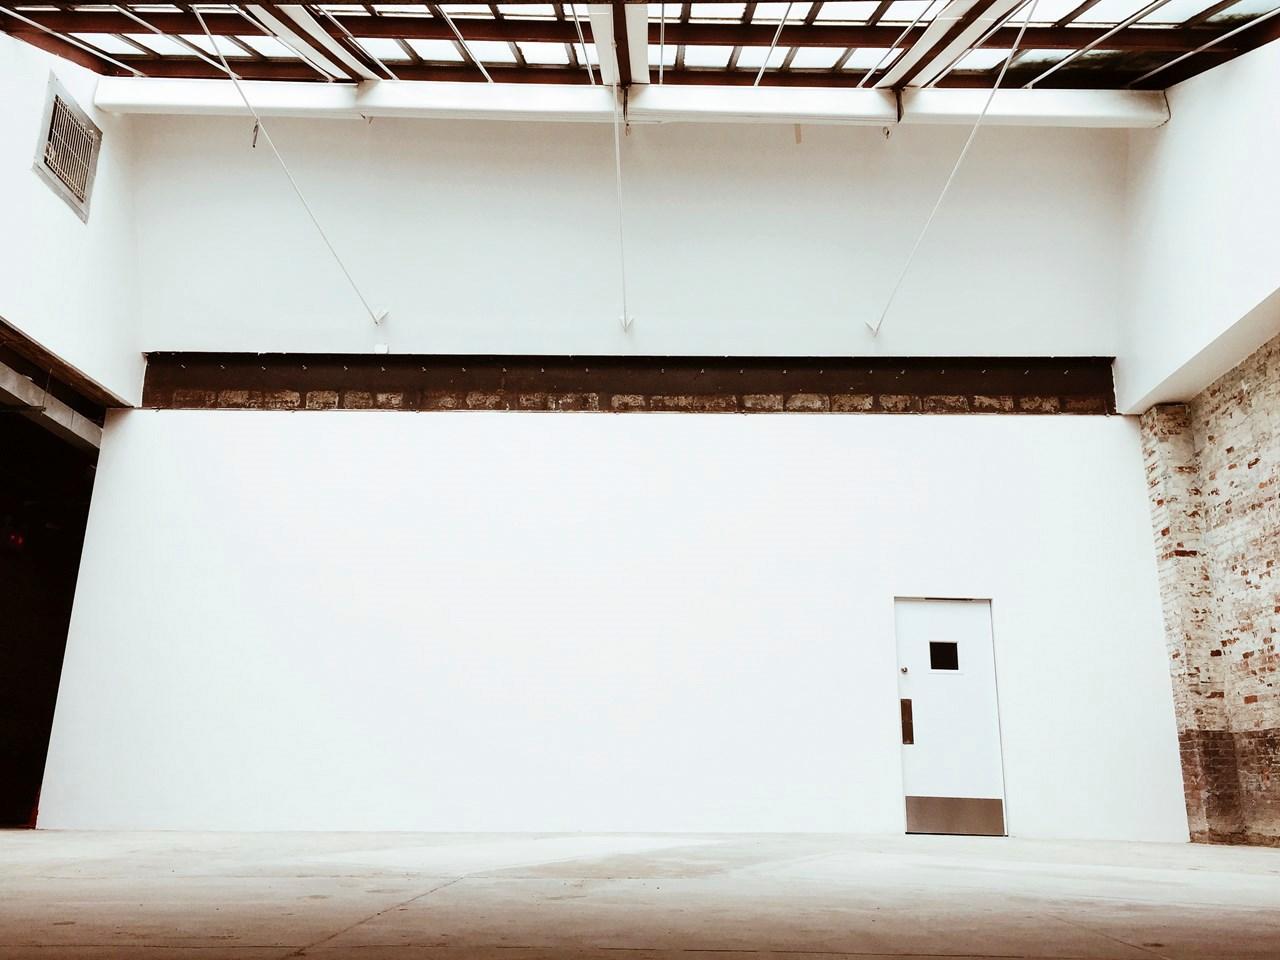 industriaNYC_StudioSpace_WestVillage_Manhattan_img6.jpg